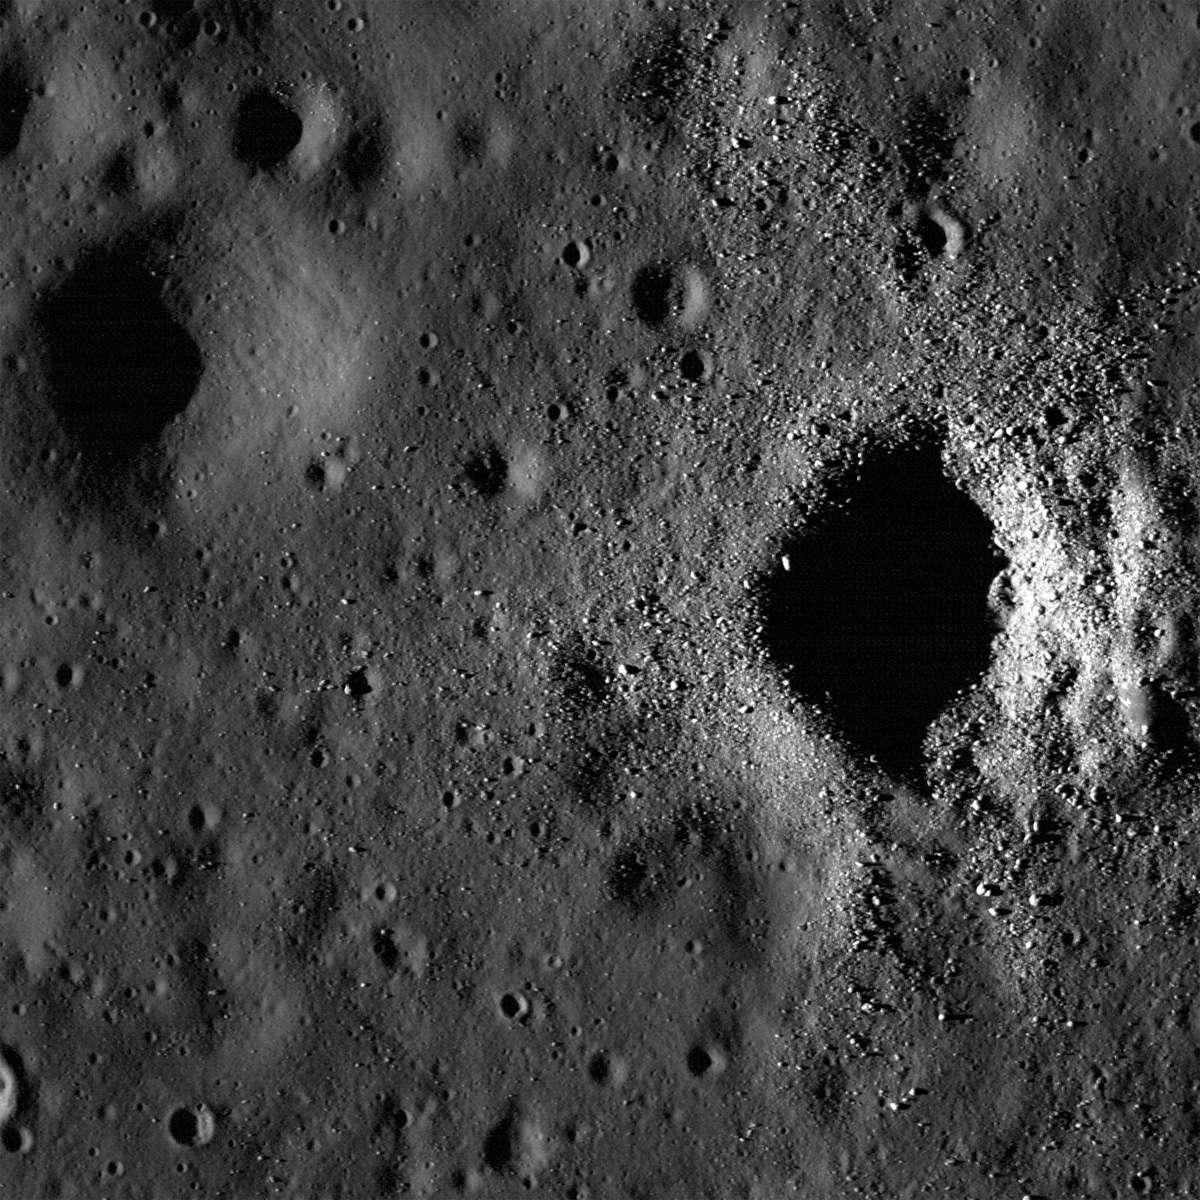 Après la Chine et l'Inde, une nouvelle puissance spatiale émergente, la Corée du Sud, fait de la Lune l'un de ses objectifs. © Nasa, GSFC, Arizona State University